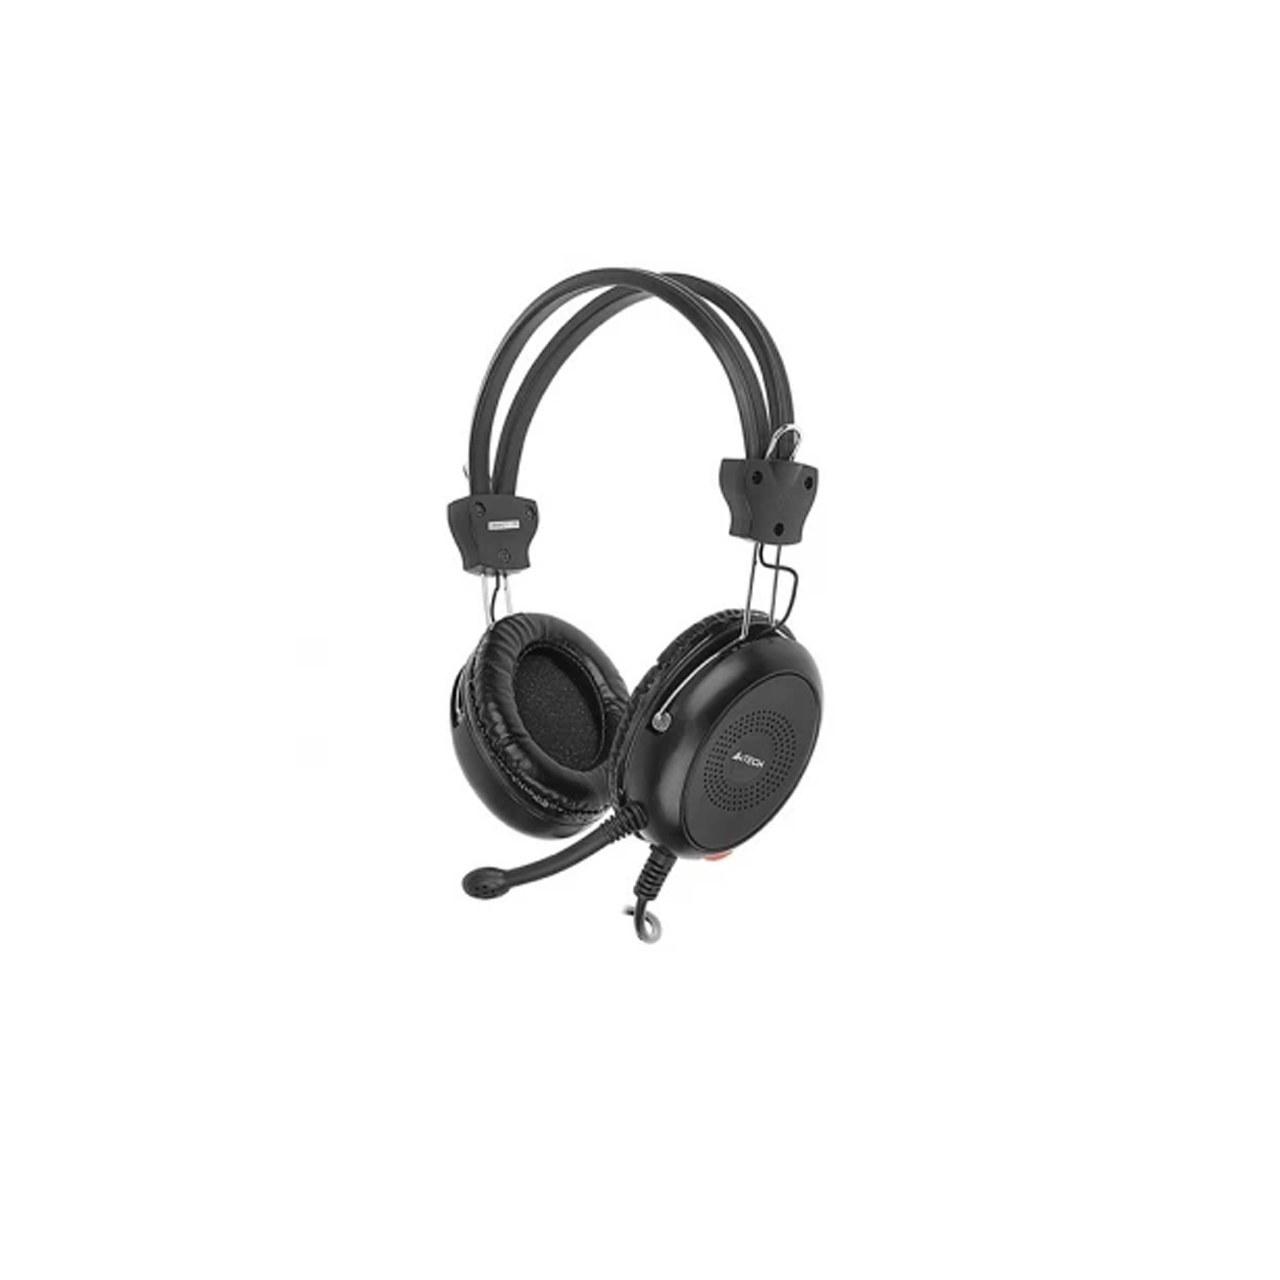 تصویر هدست باسیم ای فورتک مدل A4TECH HS-30 Stereo Headset Wired A4tech HS-30